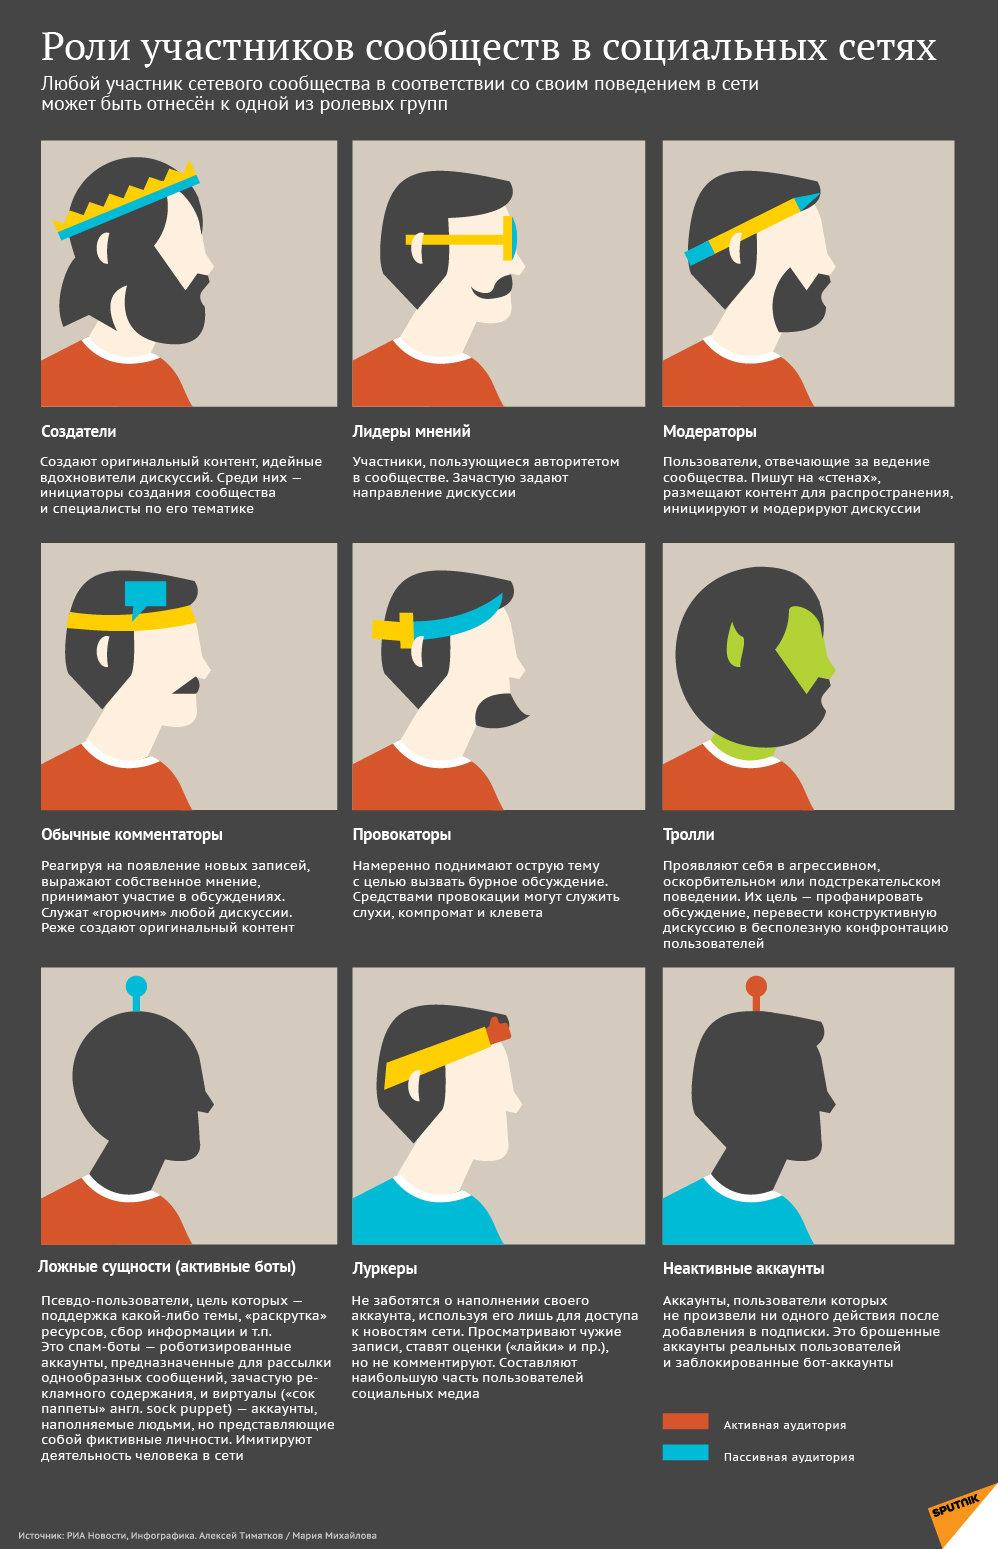 Инфографика на sputnik.by: Роли участников сообществ в социальных сетях